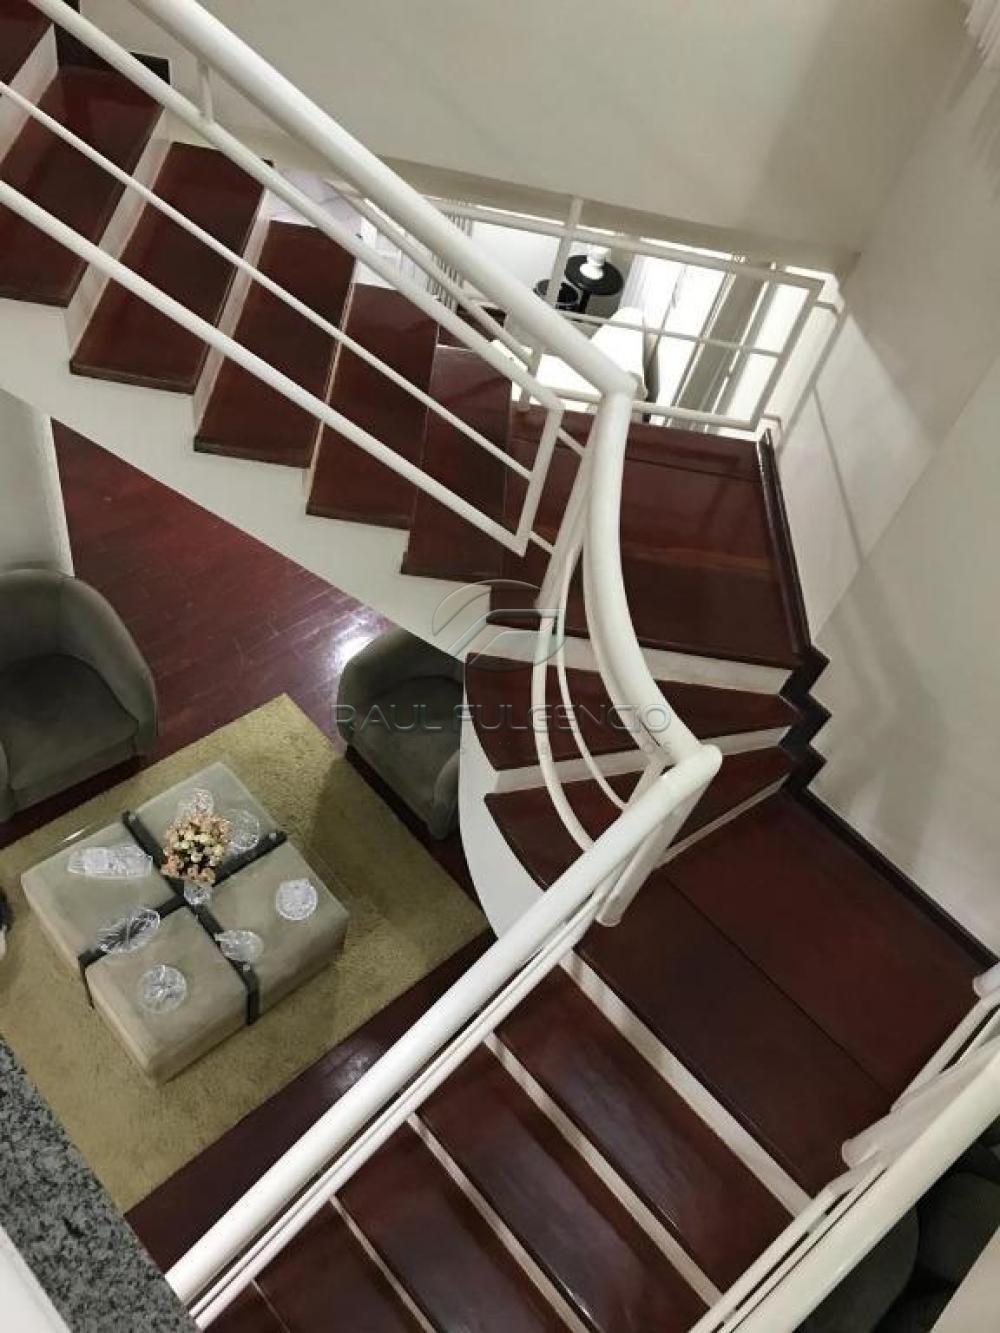 Comprar Casa / Sobrado em Londrina apenas R$ 750.000,00 - Foto 6